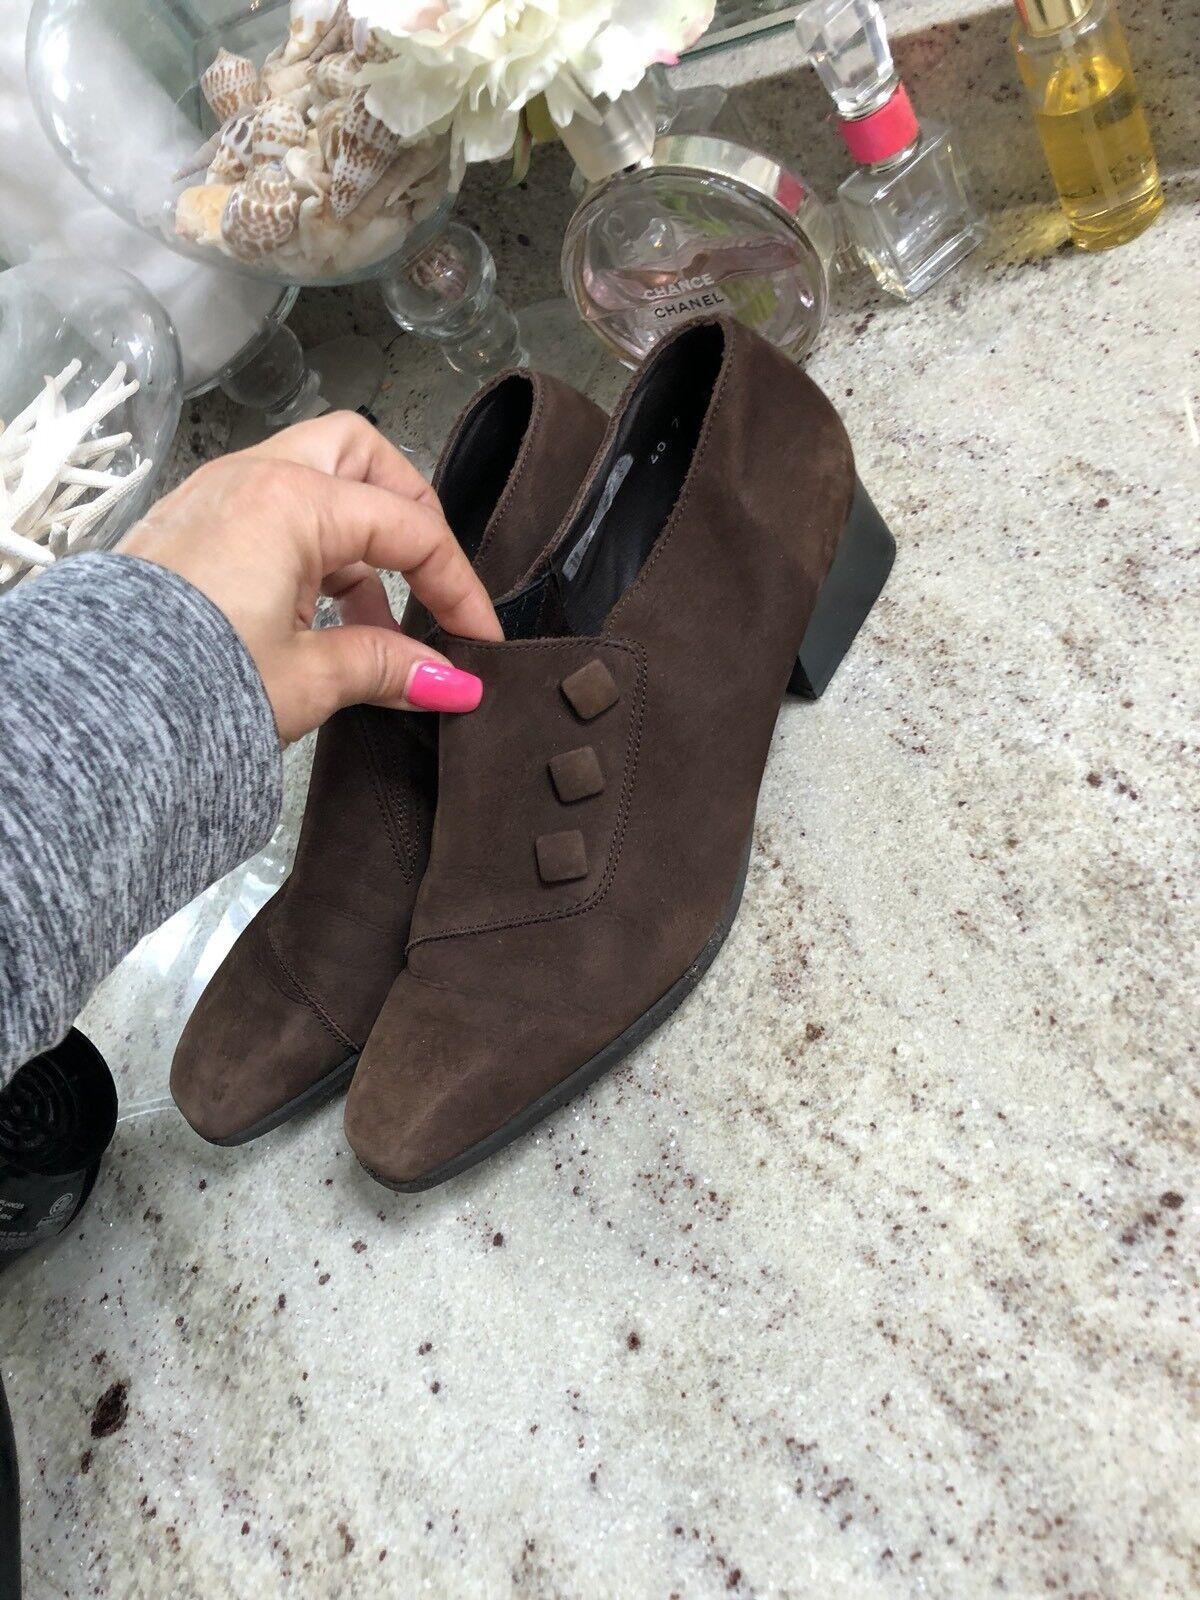 Arche Francia Nubuck Marrón para Mujer Cuña Tacón Bajo Tobillo botas Zip 40 9 ()